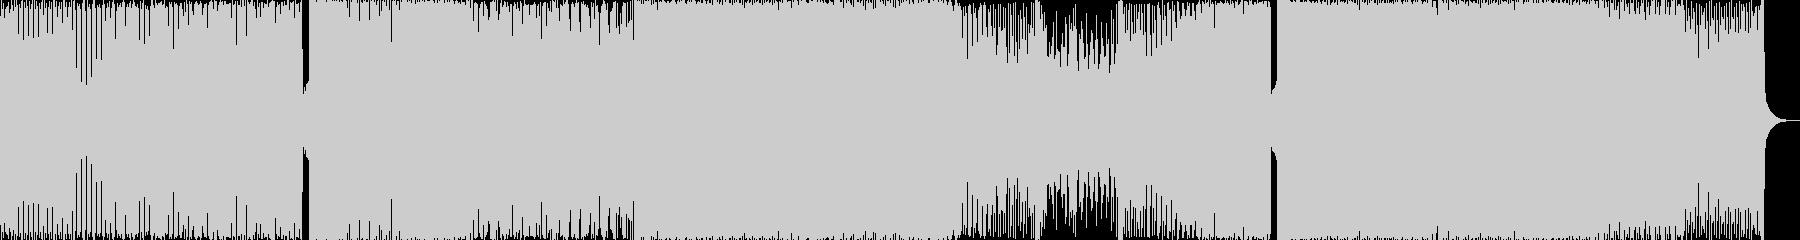 ファンク要素のあるダンスBGMの未再生の波形